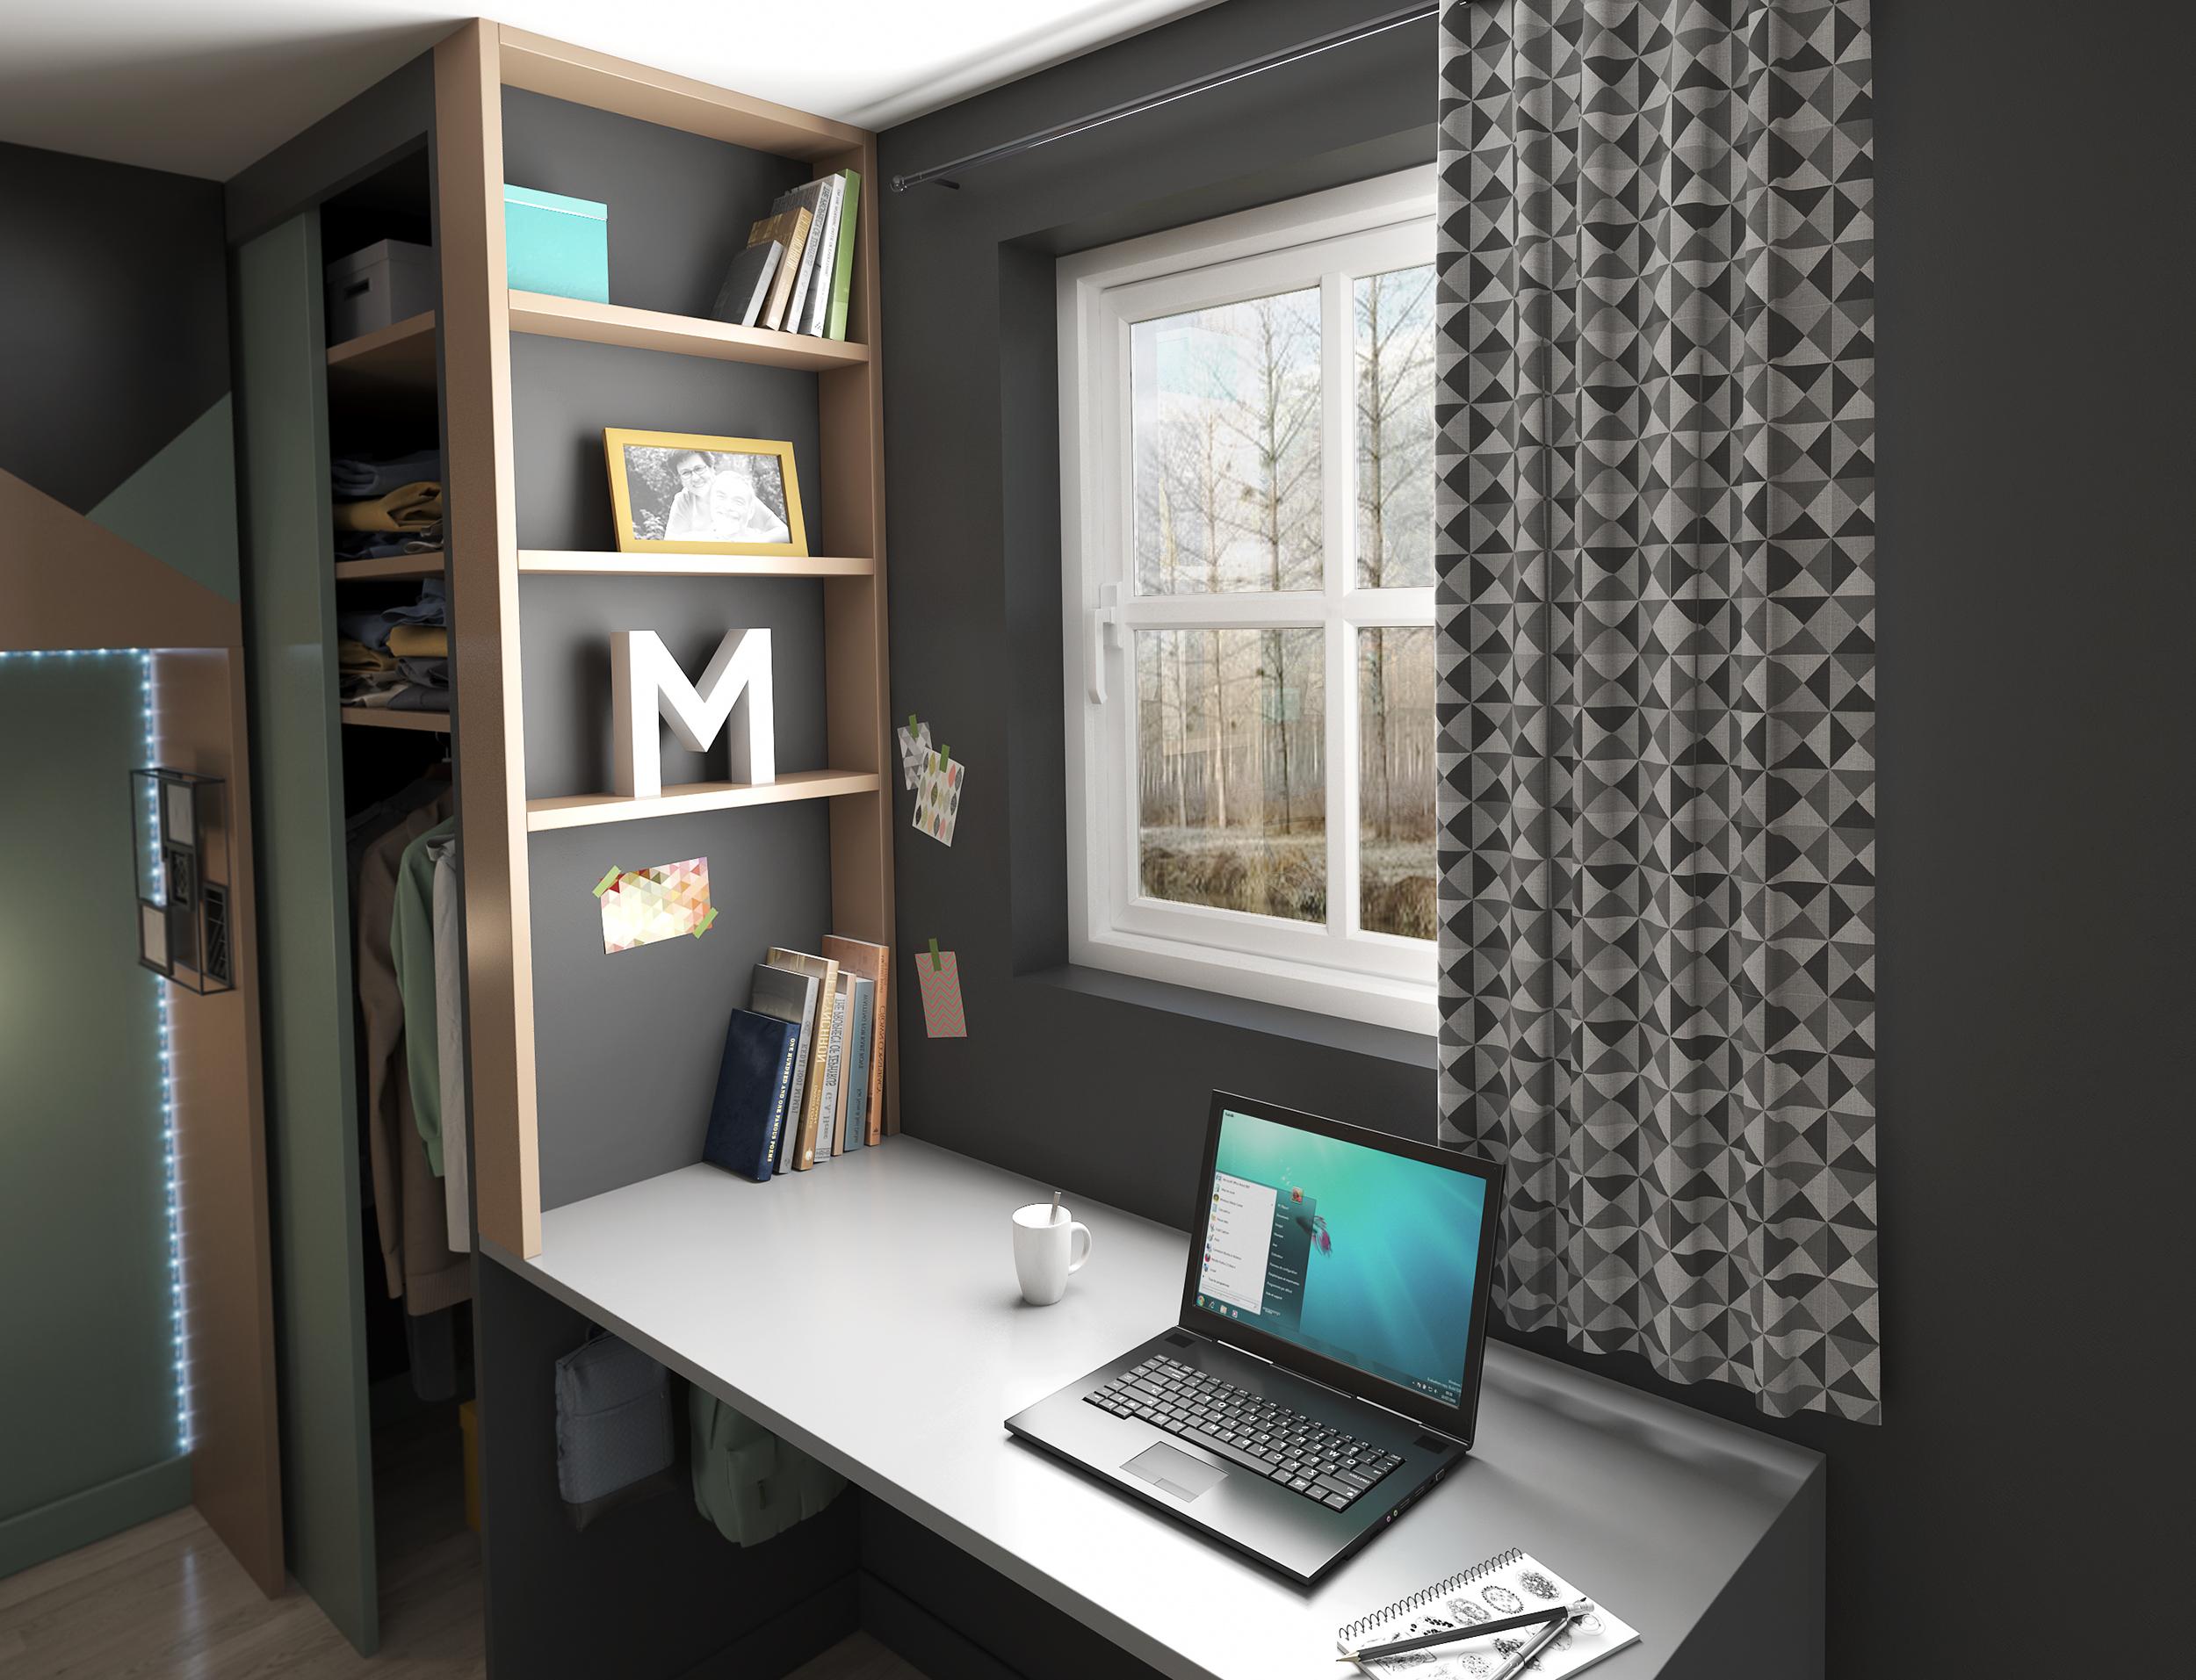 Images 3D - aménagement et la décoration d'une chambre par Dripmoon